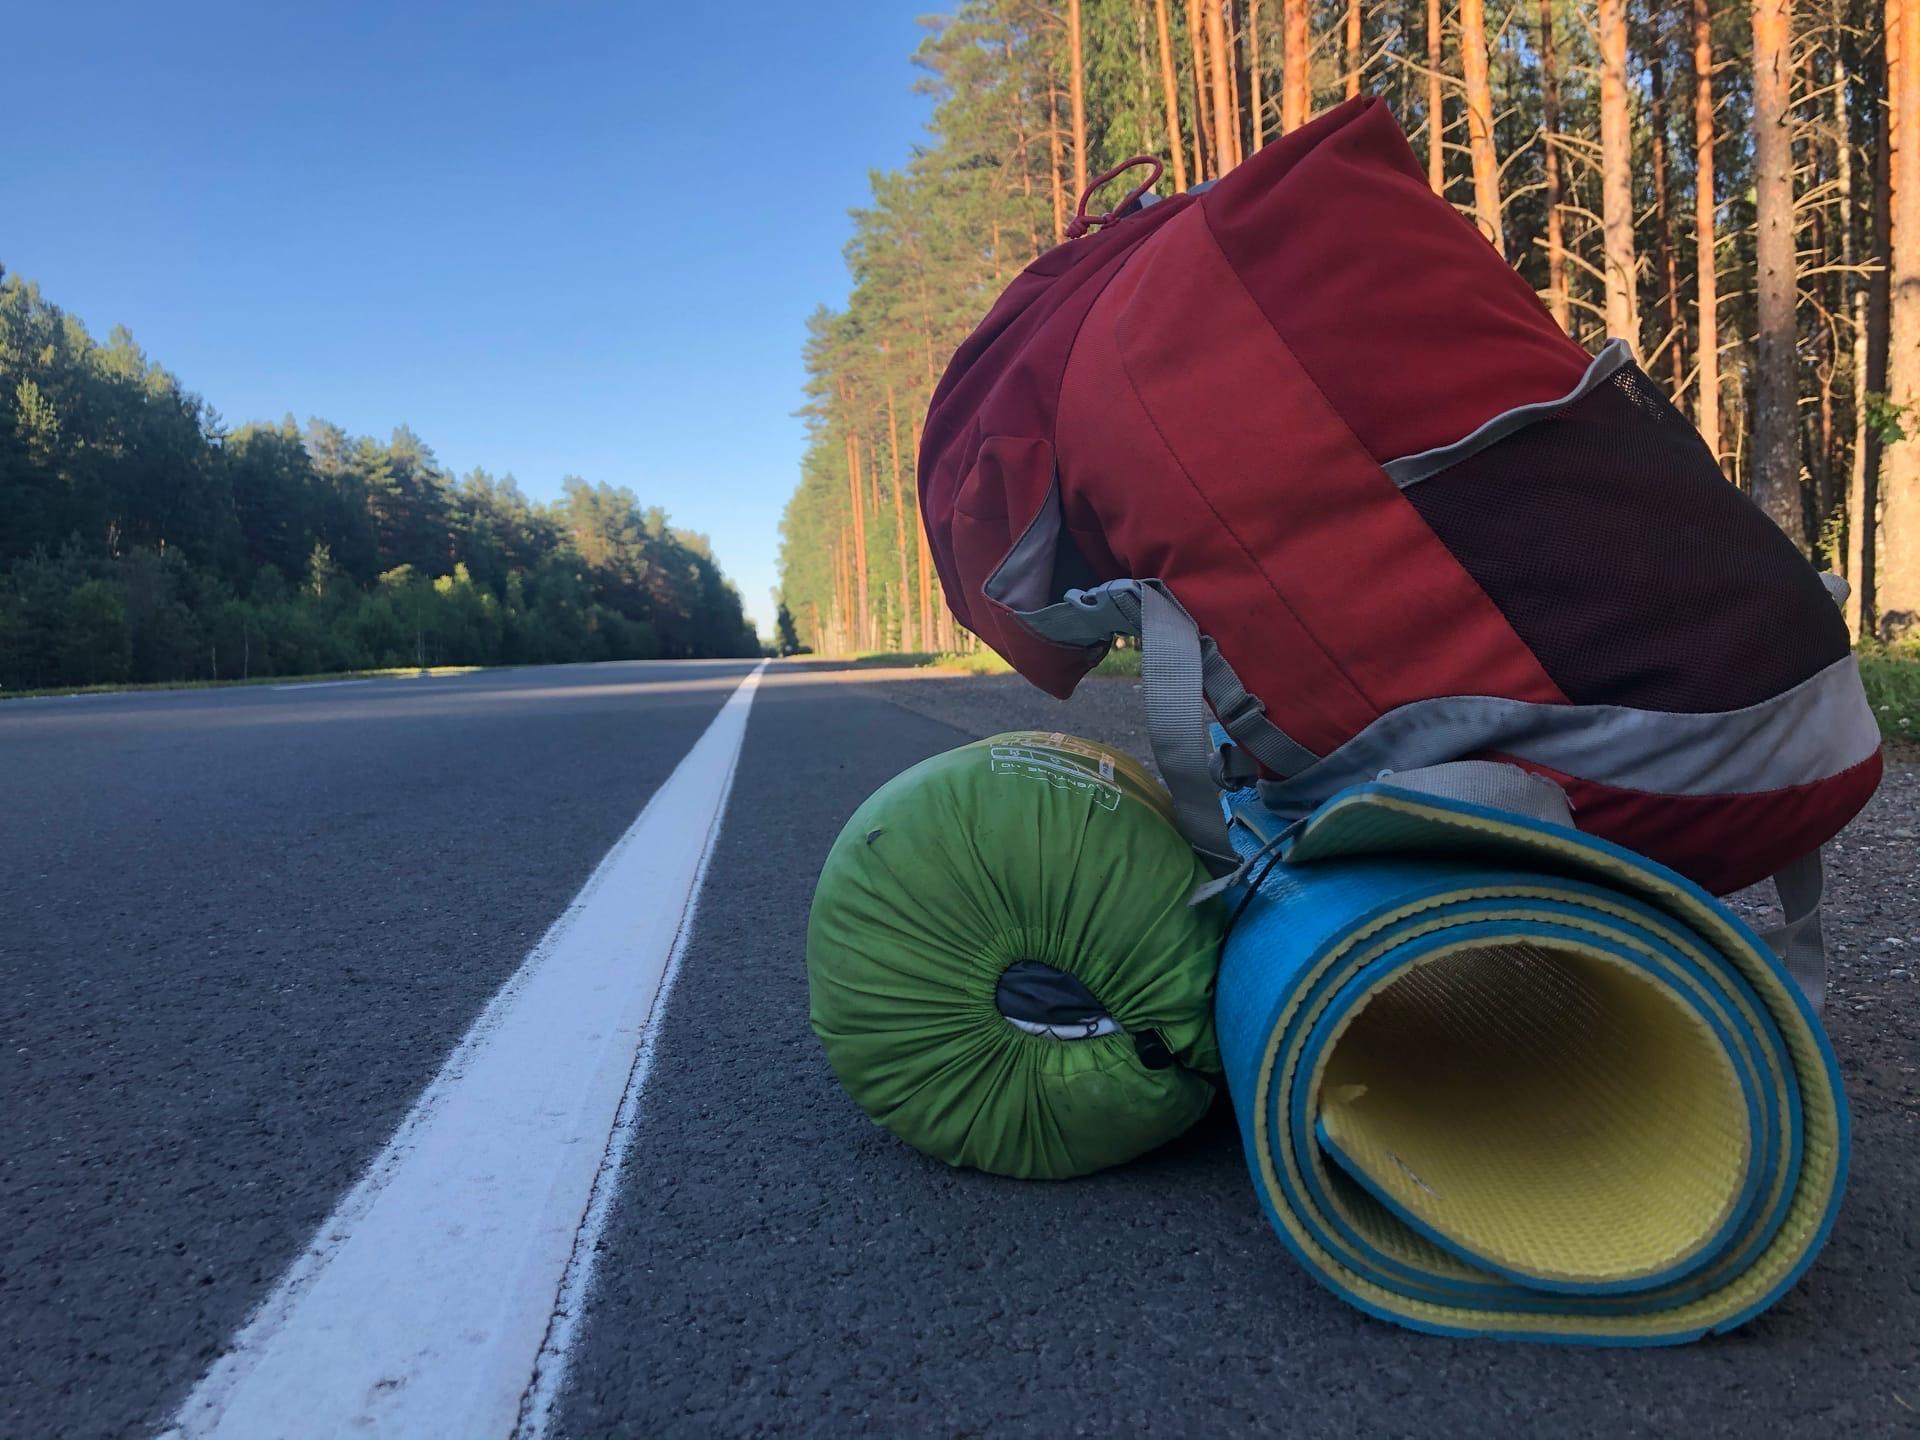 Культура автостопа, или Как пройти Тверскую область за выходные